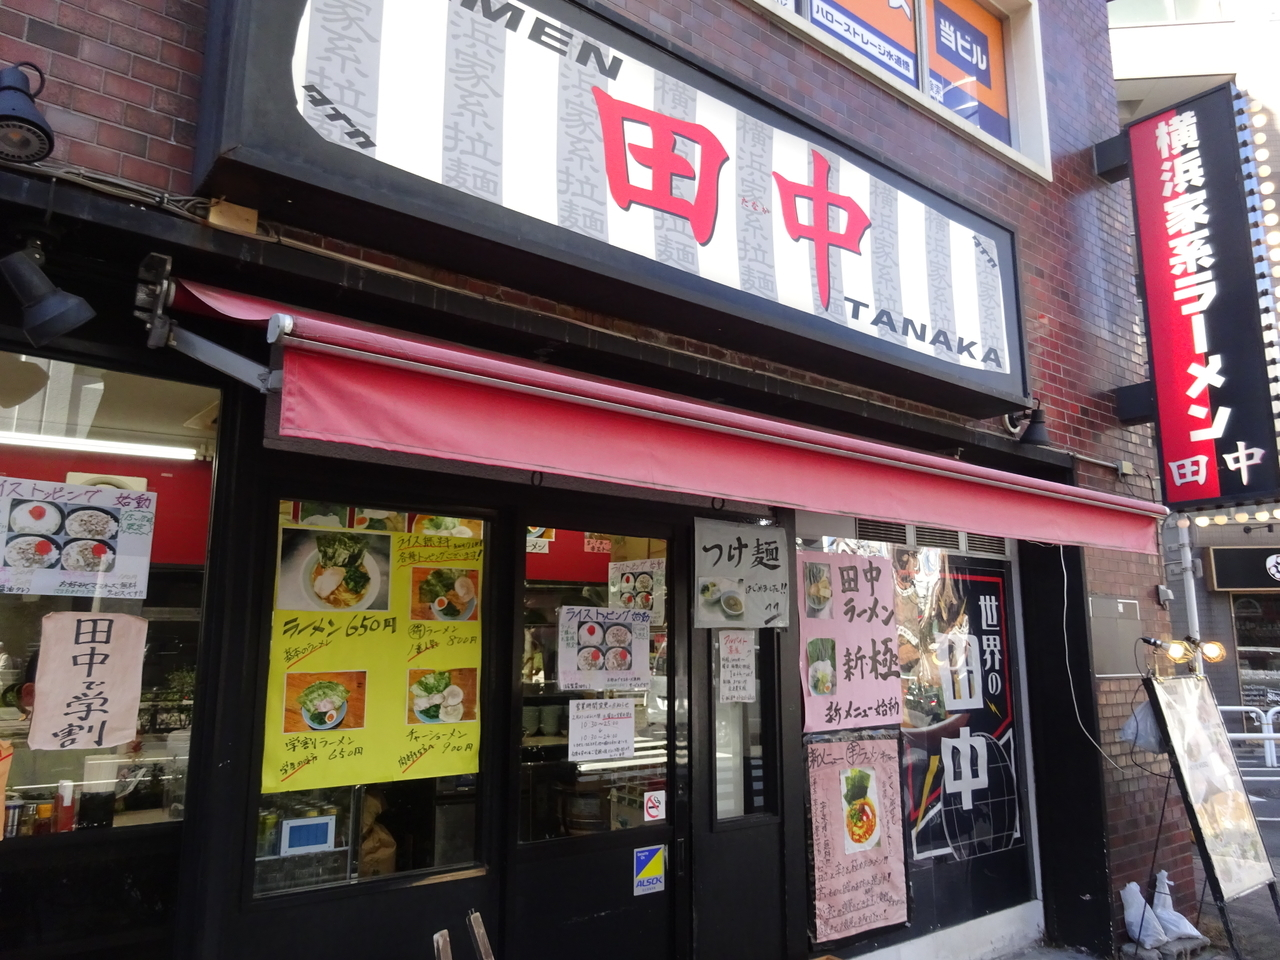 水道橋のラーメンが食べたいあなたへ!おすすめ店5選。濃厚つけ麺やアッサリ鶏そばも